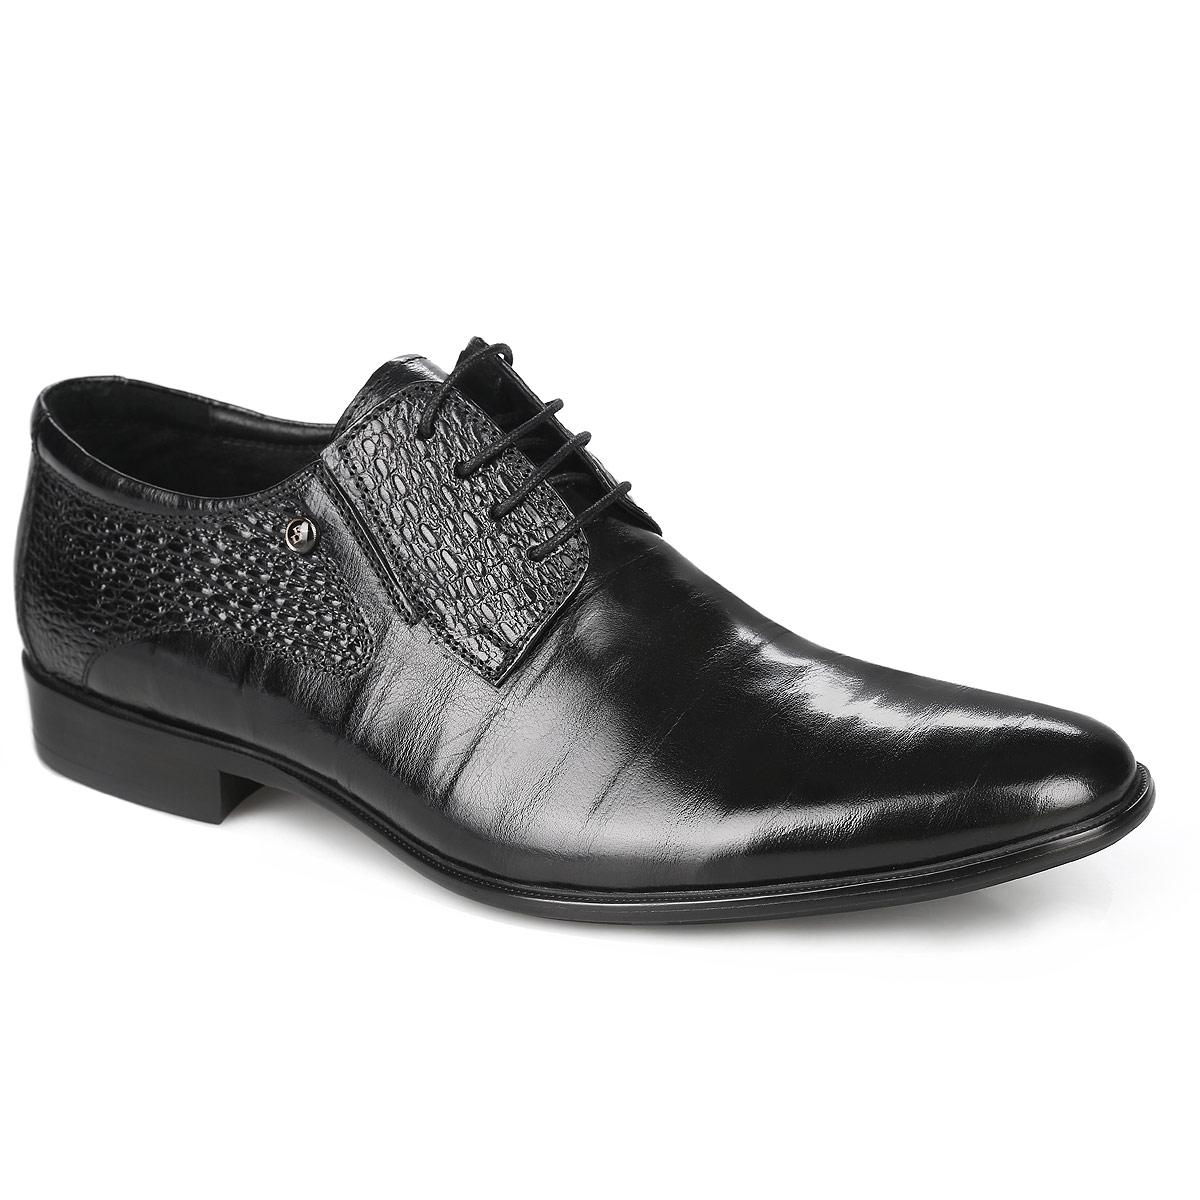 Туфли мужские. 102-24-133102-24-133Стильные мужские туфли от Dino Ricci не оставят вас равнодушным! Модель выполнена из натуральной кожи и оформлена декоративным тиснением. Стелька, выполненная из натуральной кожи, обеспечивает комфорт при ходьбе. Шнуровка позволяет надежно фиксировать модель на ноге. Подошва и каблук дополнены противоскользящим рифлением. Туфли в классическим стиле станут прекрасным дополнением вашего образа.